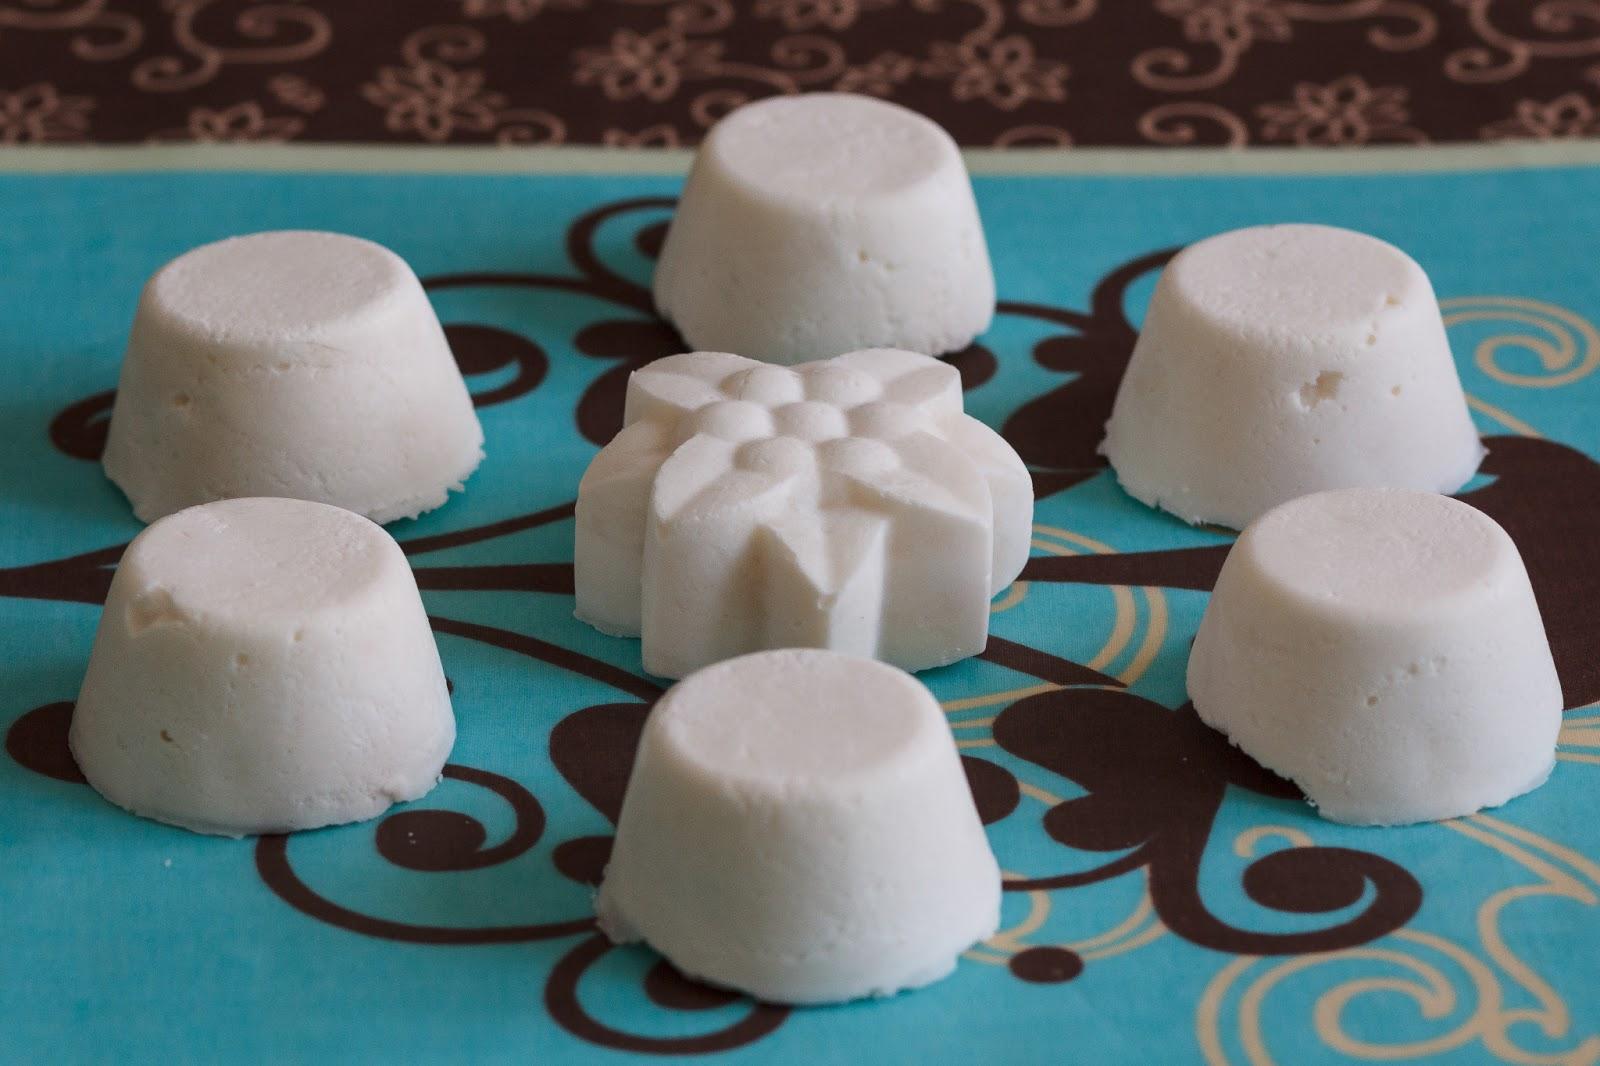 Mes produits naturels: Savon 100 % coco pour lessive maison